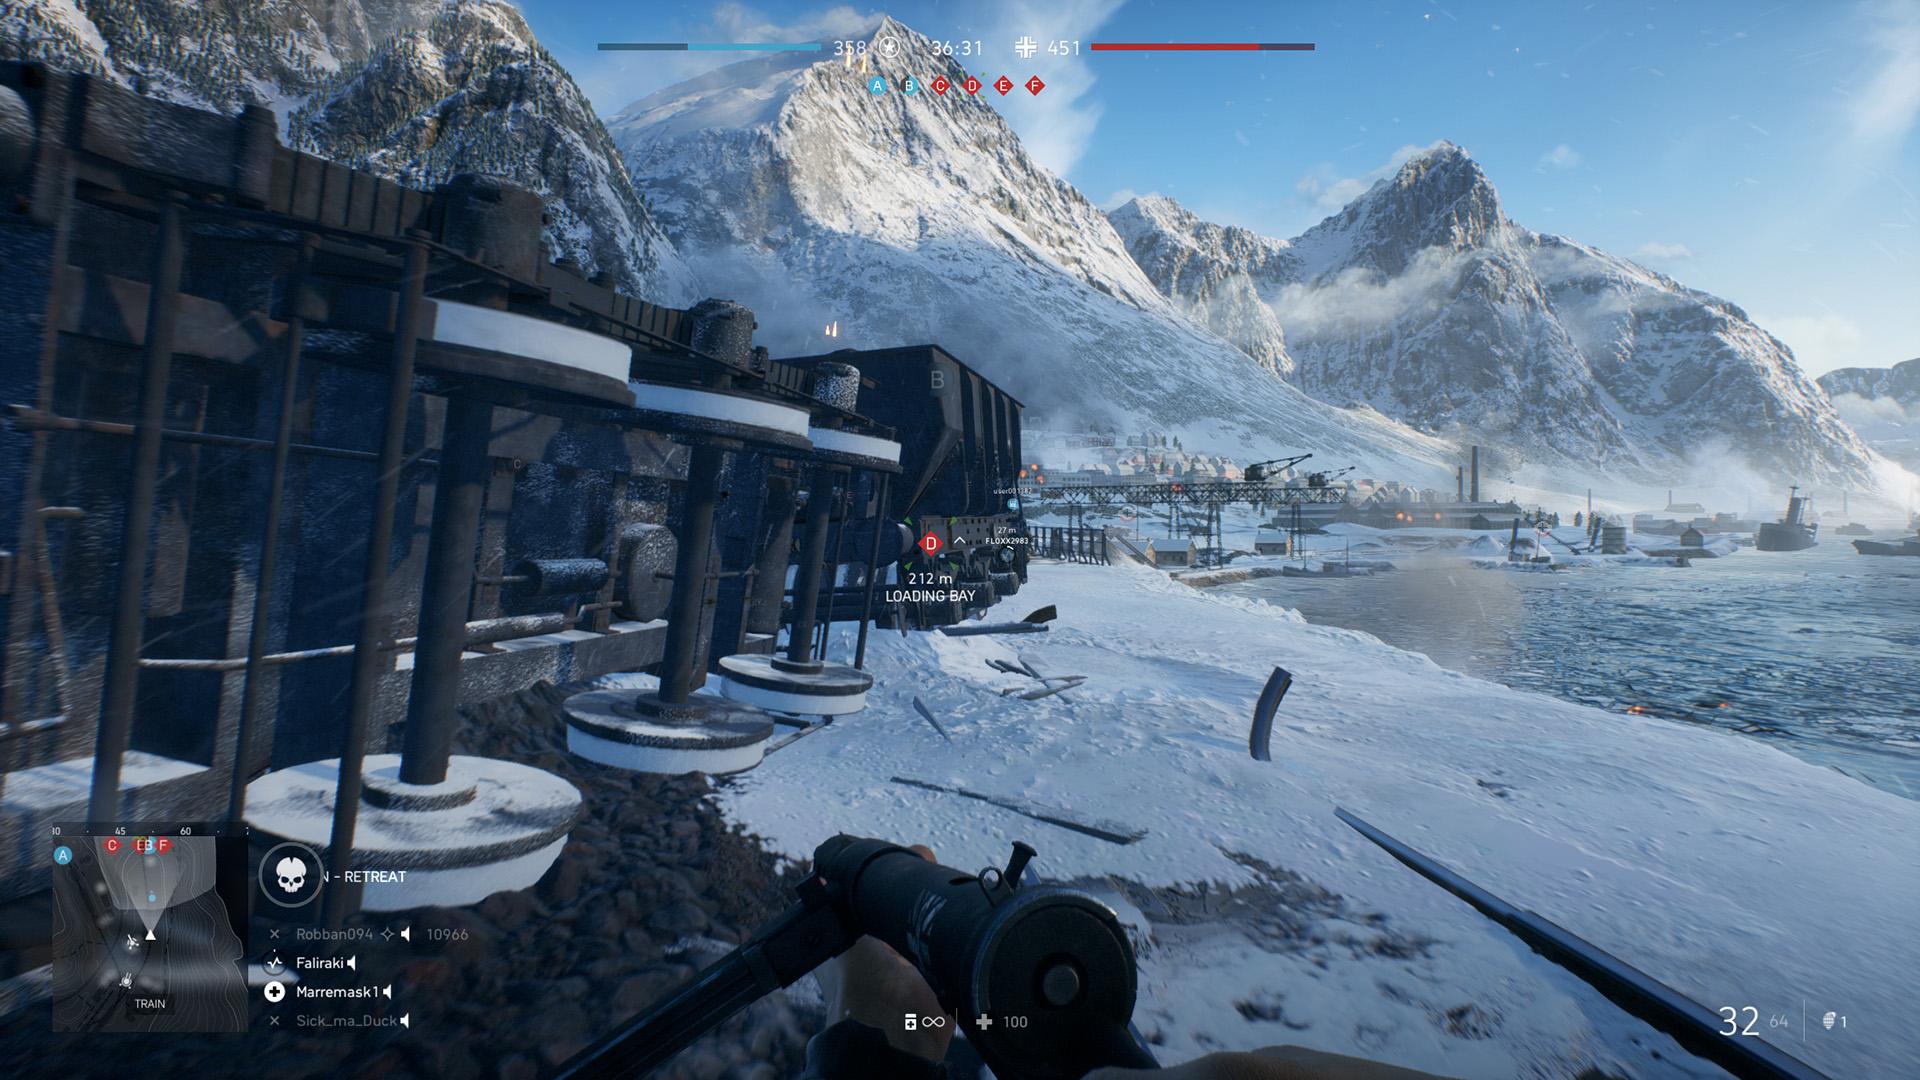 Battlefield V Screenshot 2018_0009_Battlefield V Screenshot 2018.11.11 - 20.43.39.74.jpg